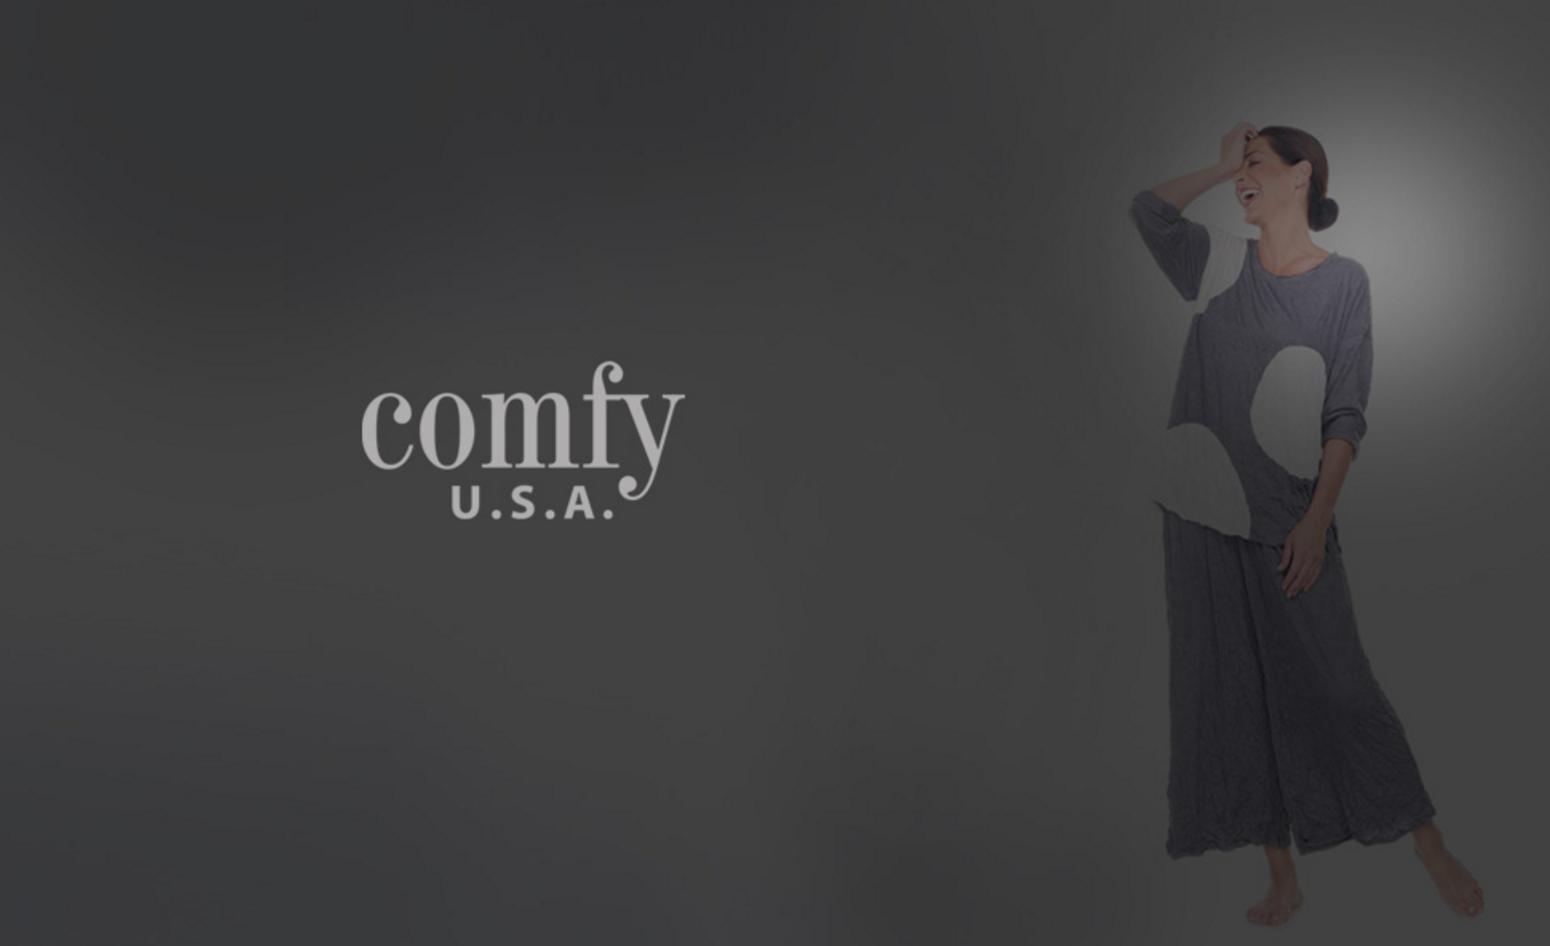 comfy1.PNG